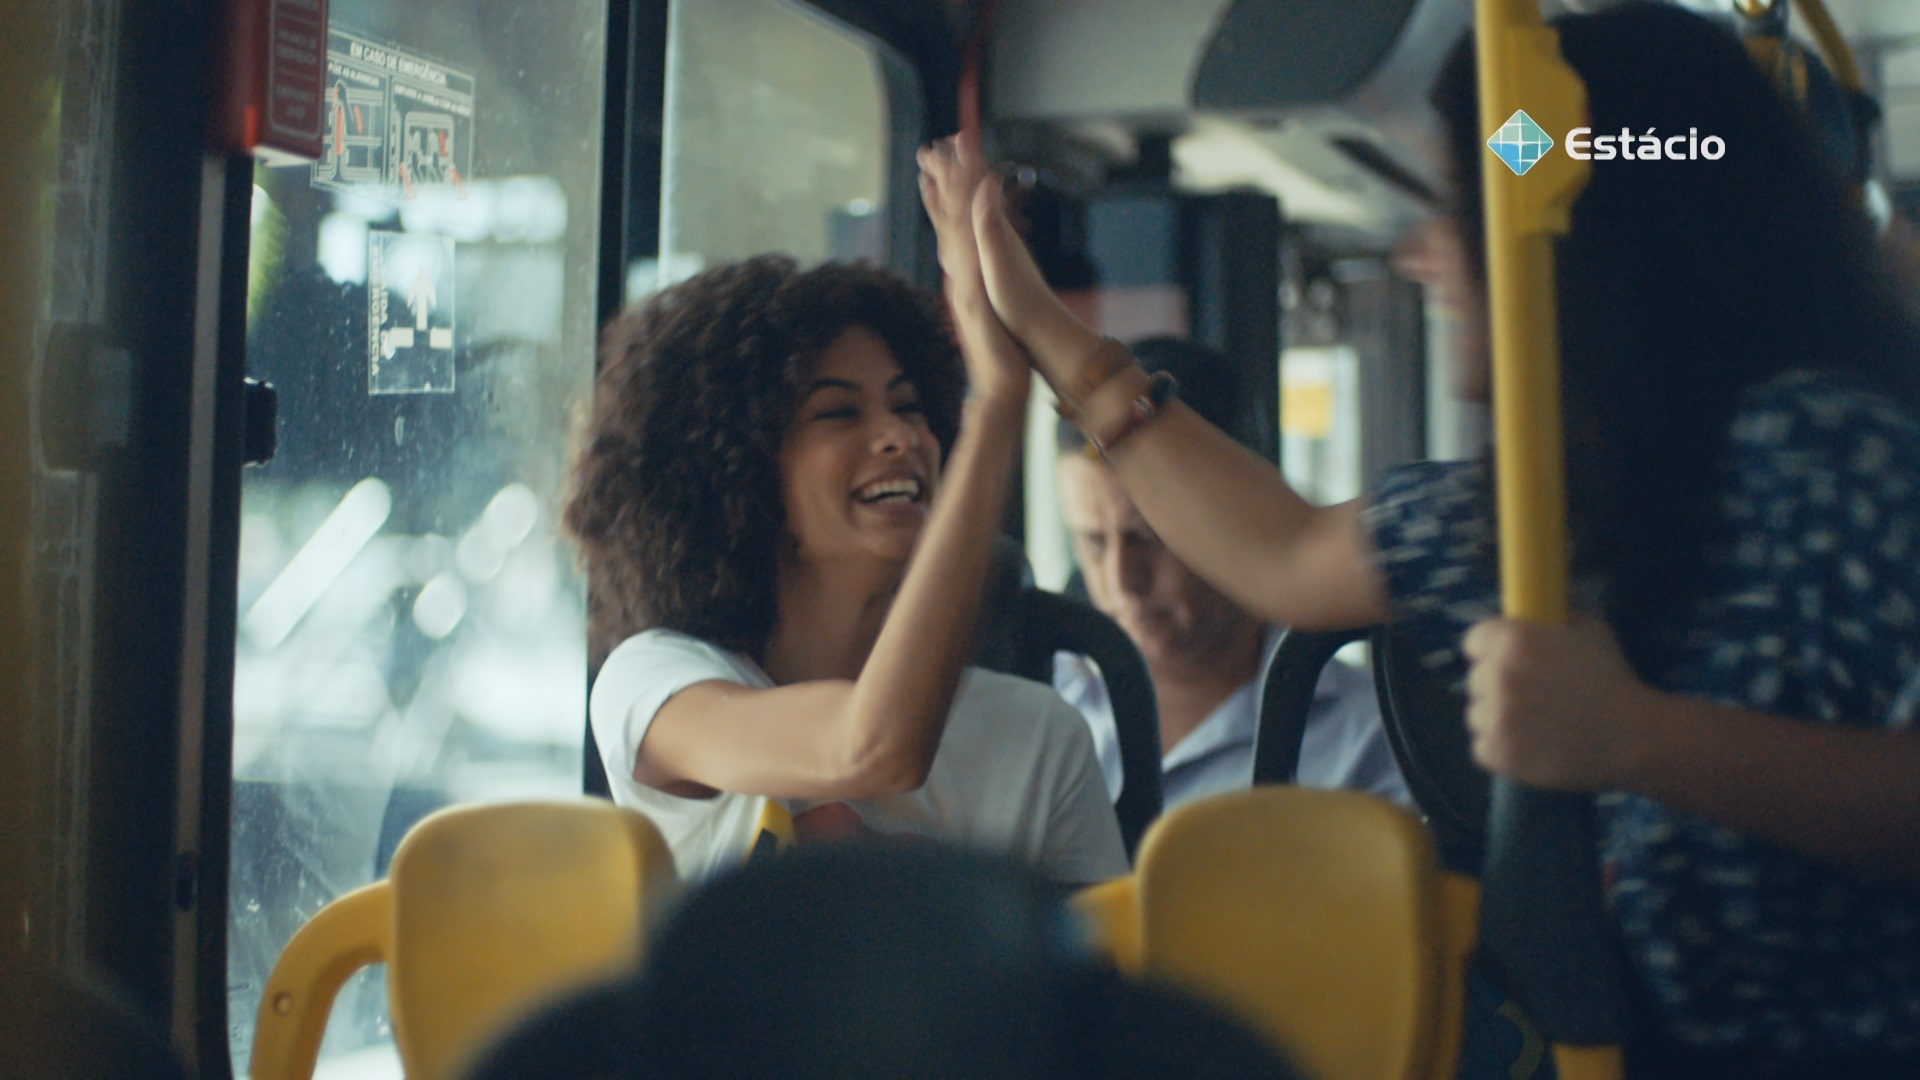 Dentro de um ônibus, duas estudantes se cumprimentam.